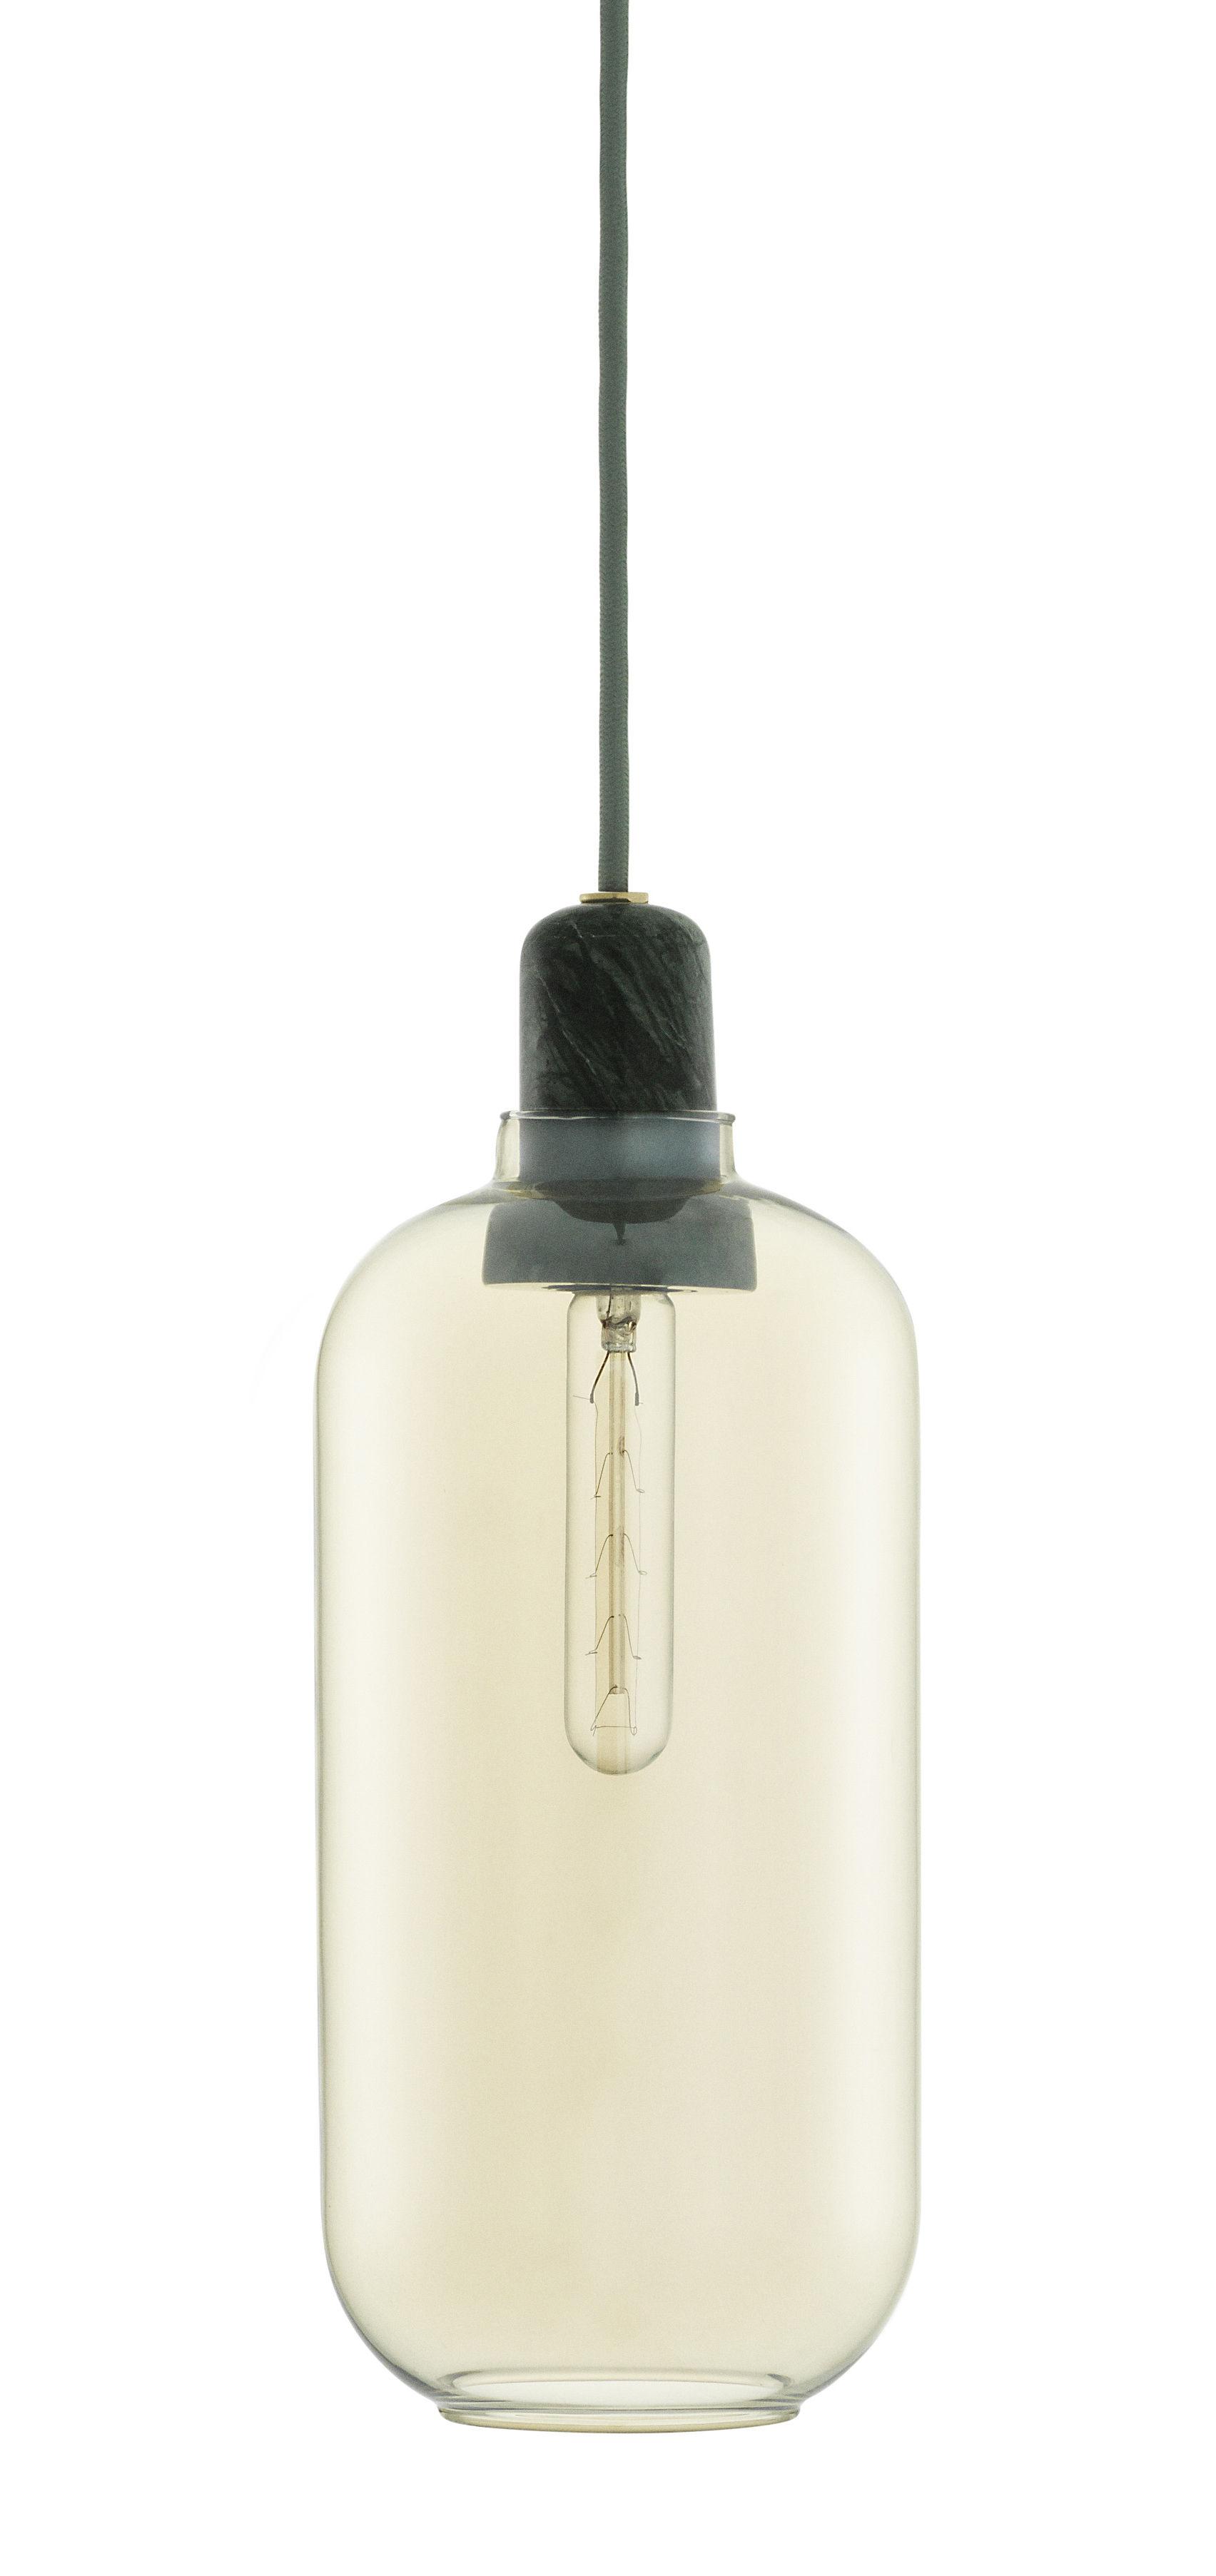 Illuminazione - Lampadari - Sospensione Amp Large - / Ø 11 x H 26 cm di Normann Copenhagen - Dorato / Marmo verde giada - Marmo, Vetro